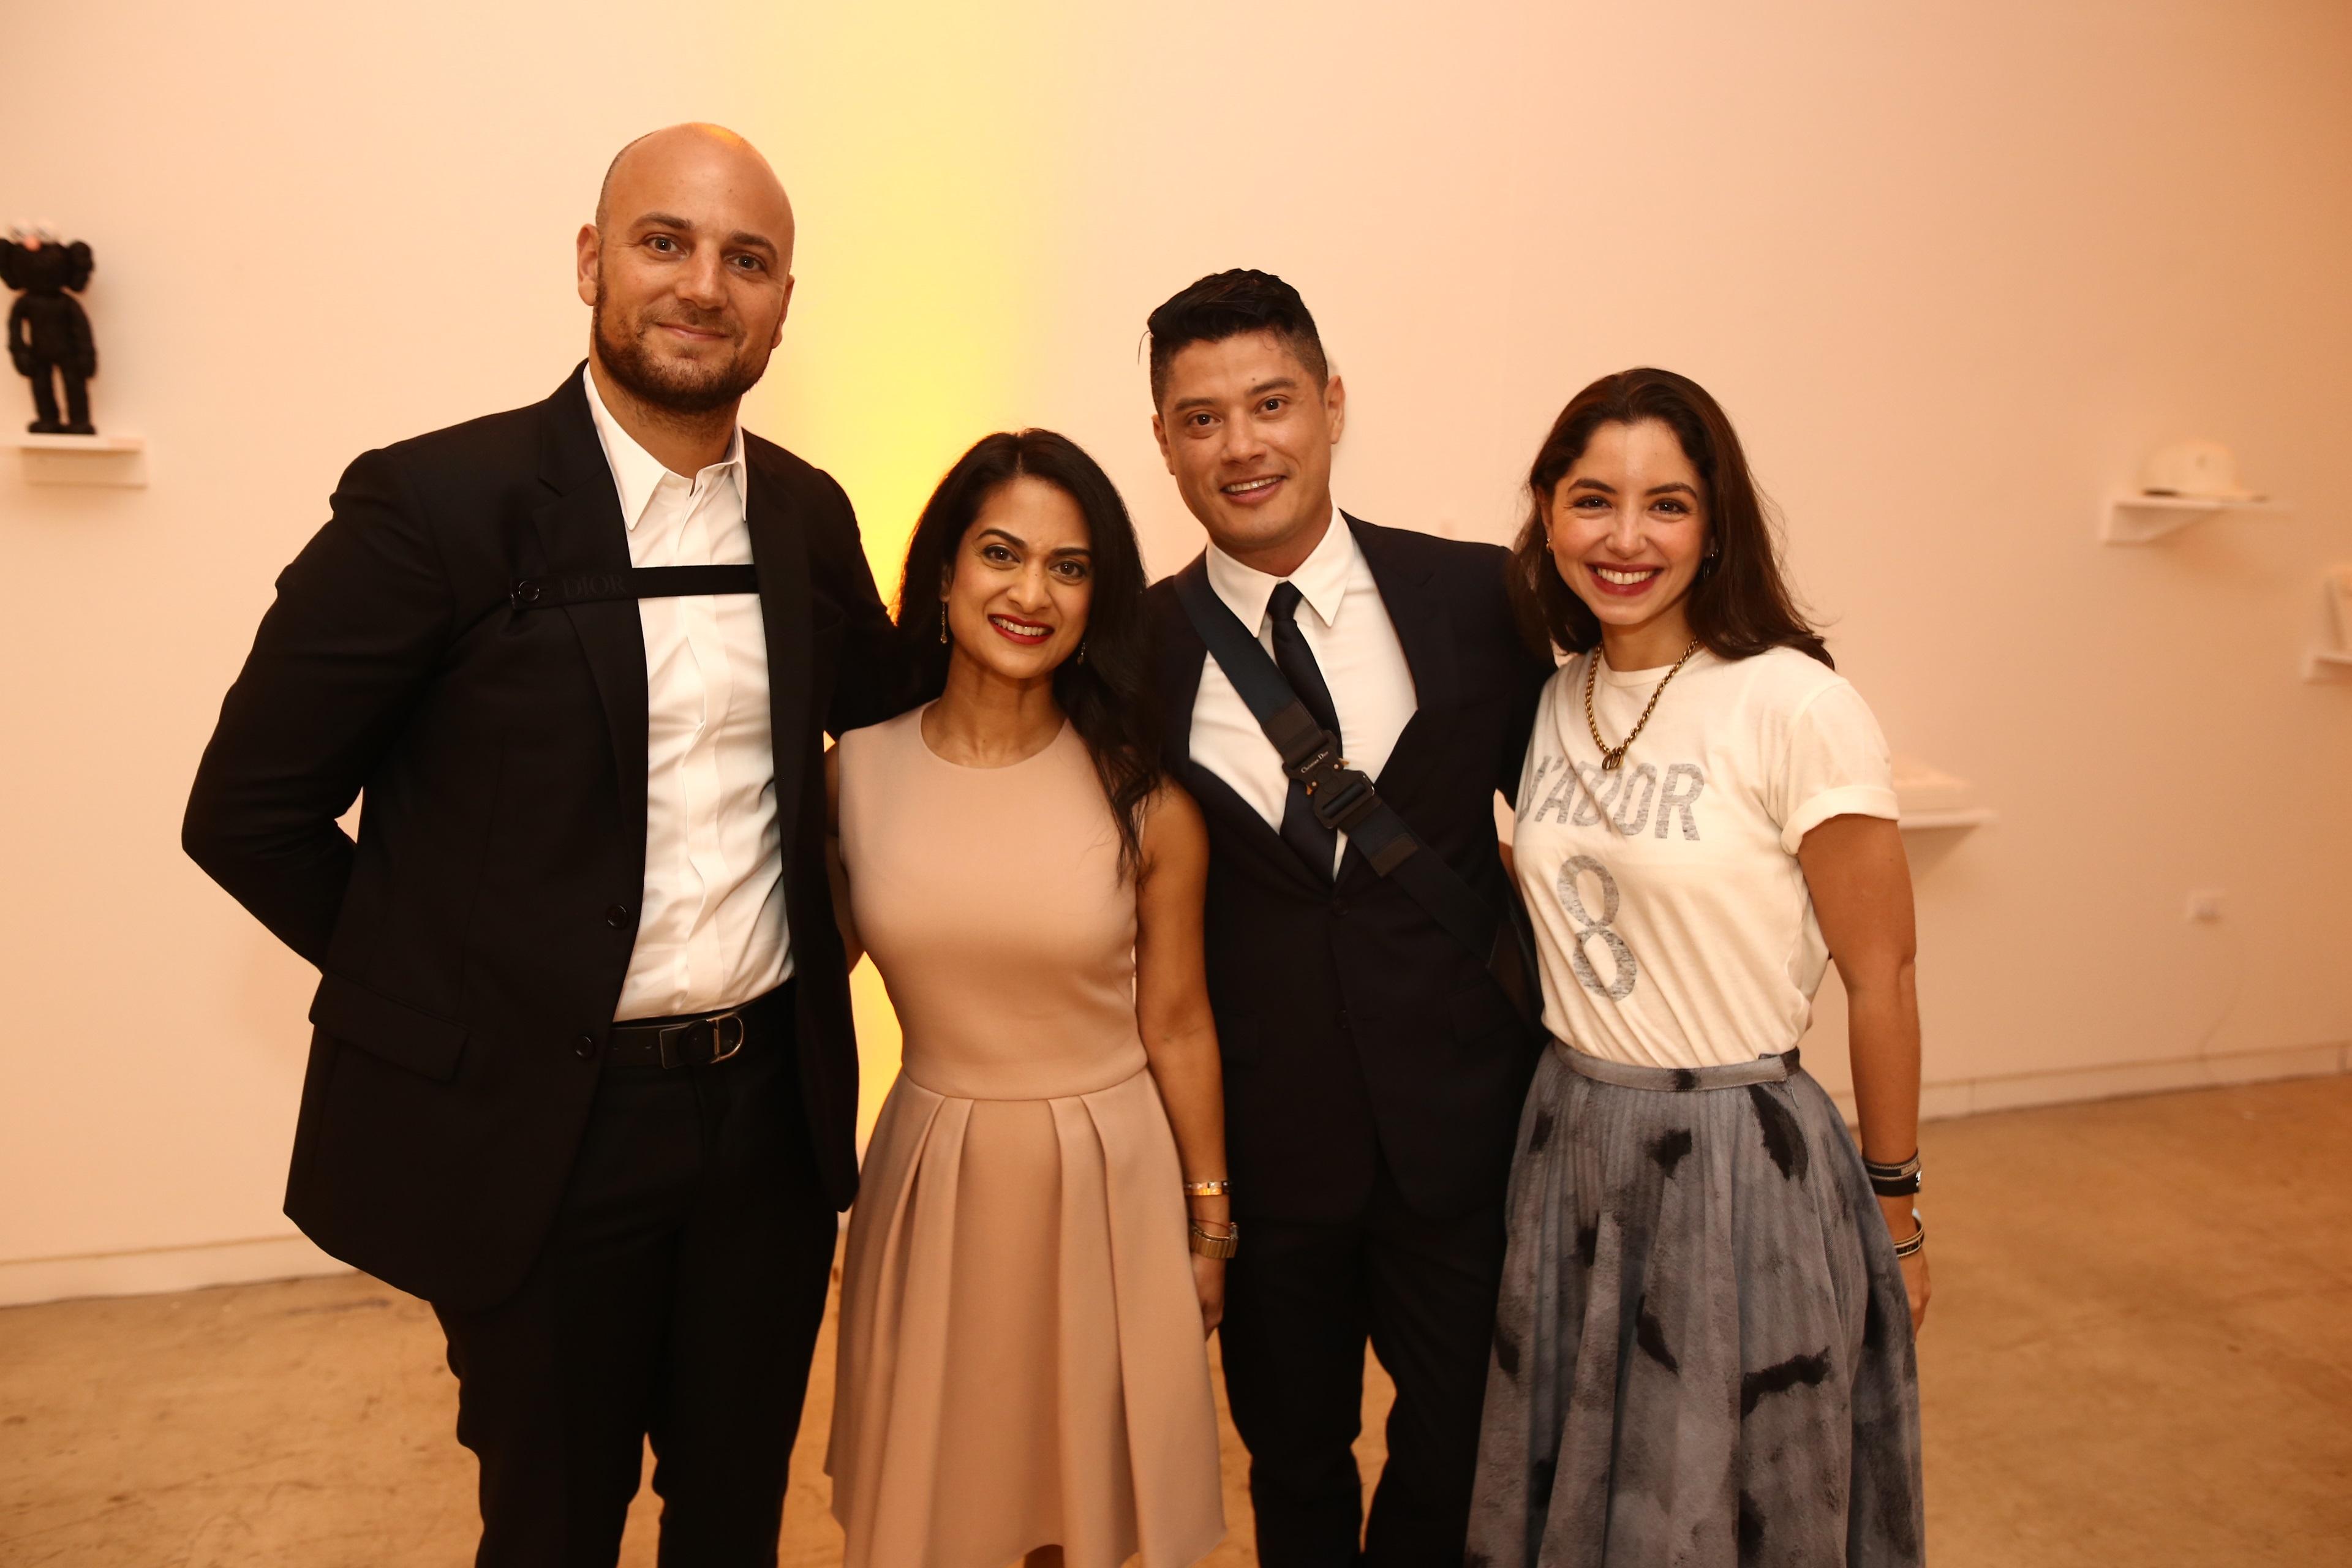 El equipo de Dior que estuvo presente en la actividad. (José Rafael Pérez Centeno)